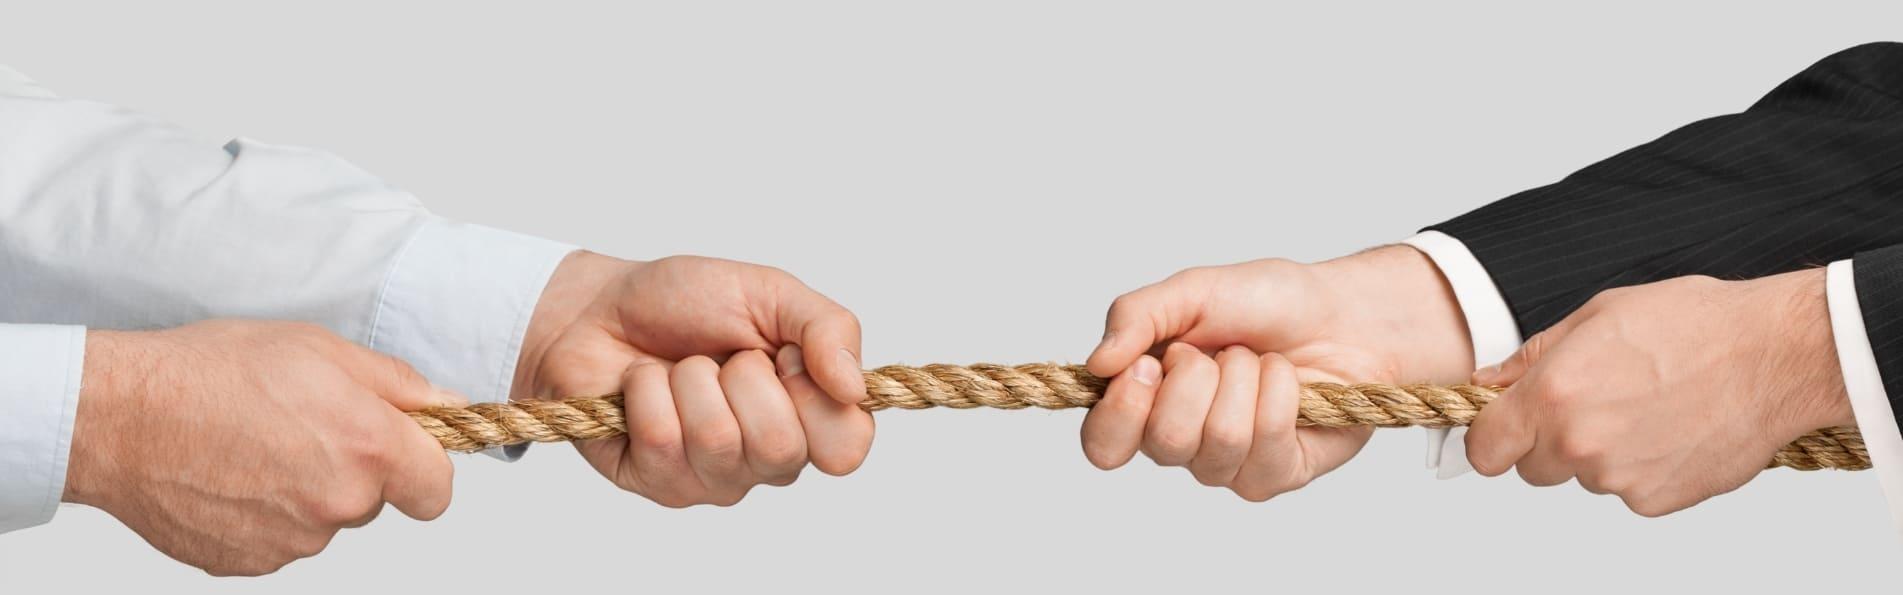 Verhandlungsvorbereitung mit Erfolg im Vertrieb